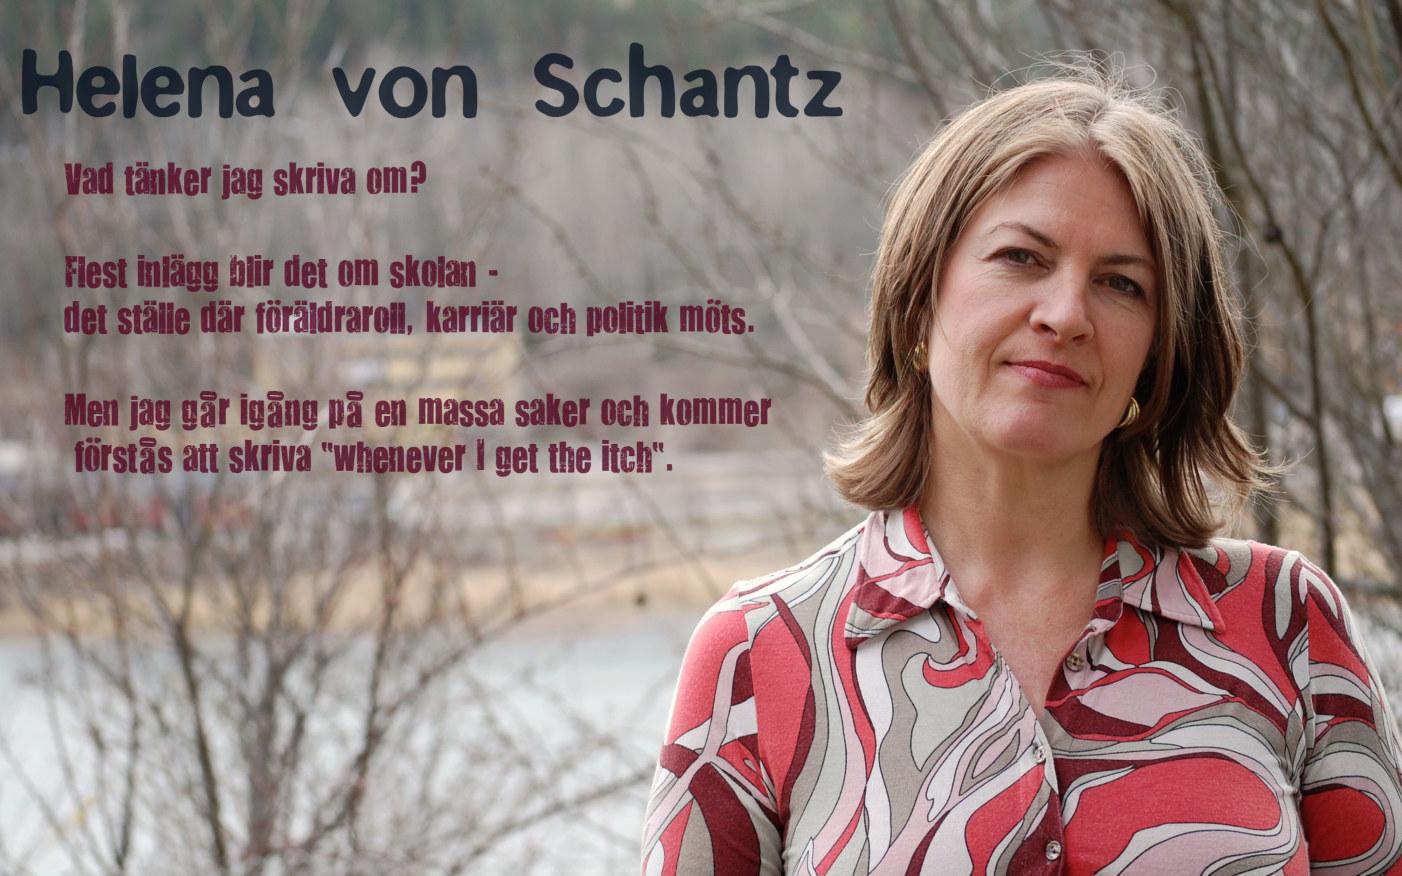 Helena von Schantz